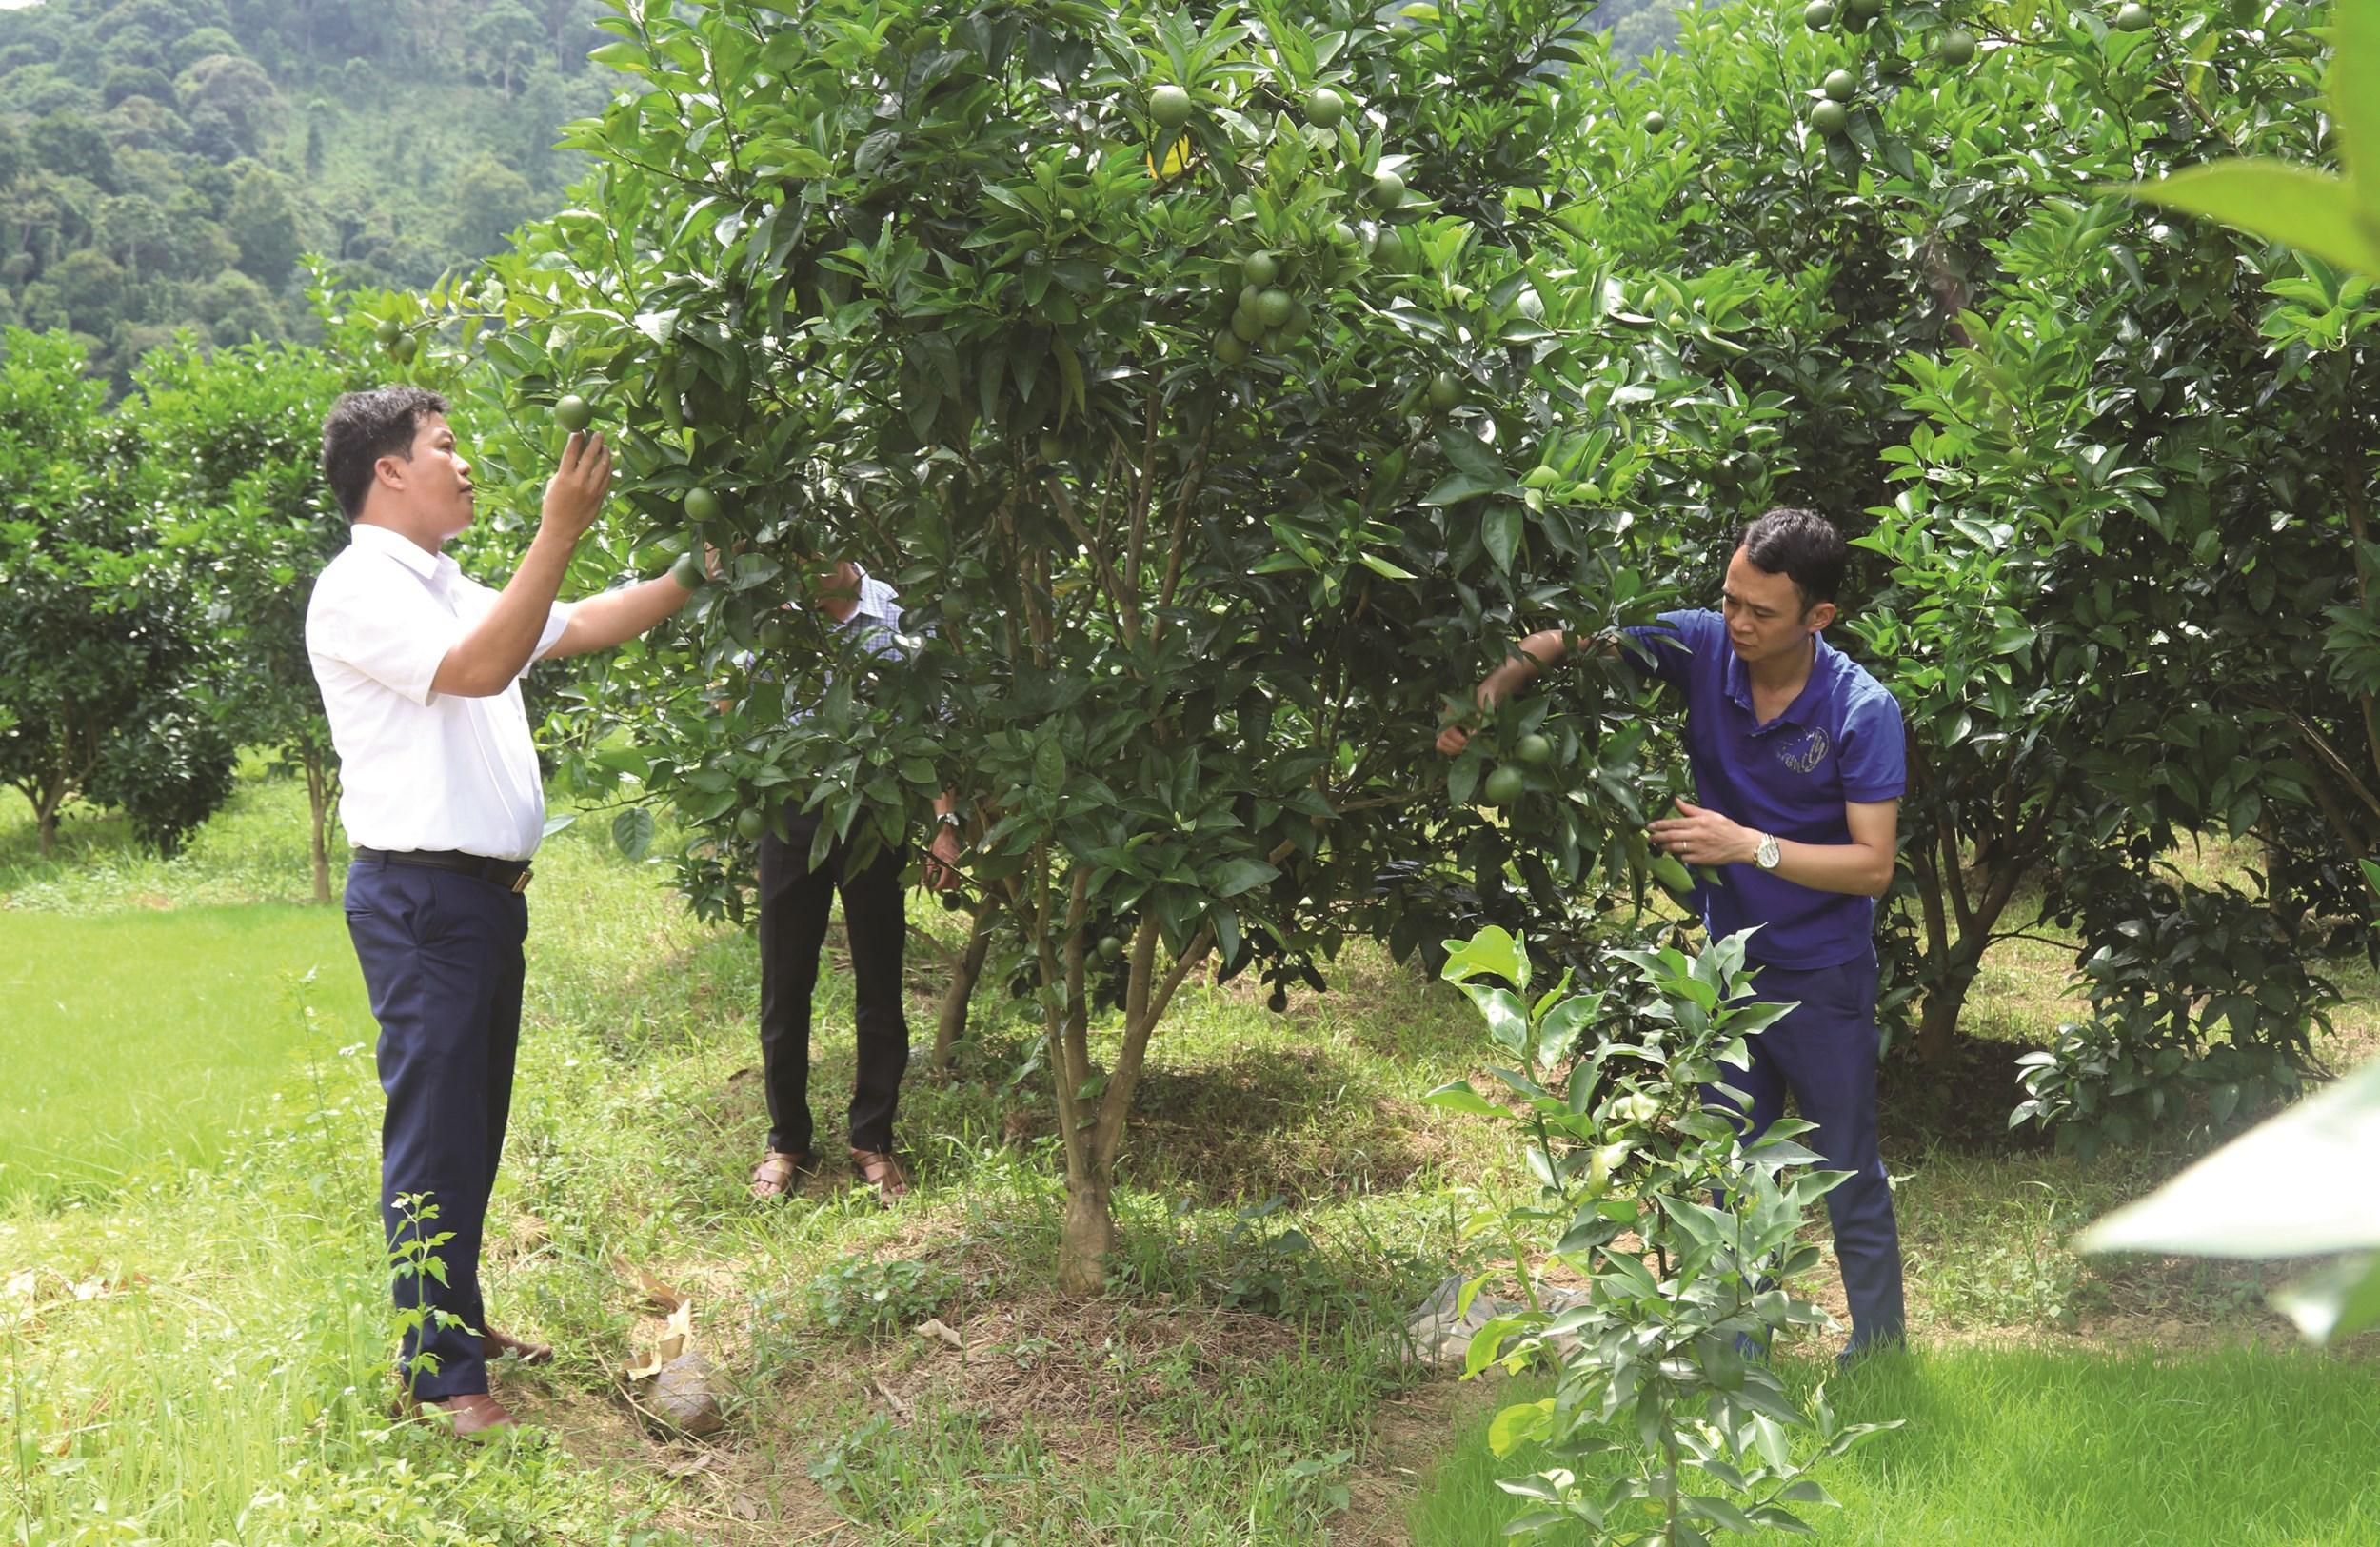 Người dân xã Đồng Giáp, huyện Văn Quan được tập huấn chuyển đổi phát triển cây ăn quả mang lại giá trị kinh tế cao.